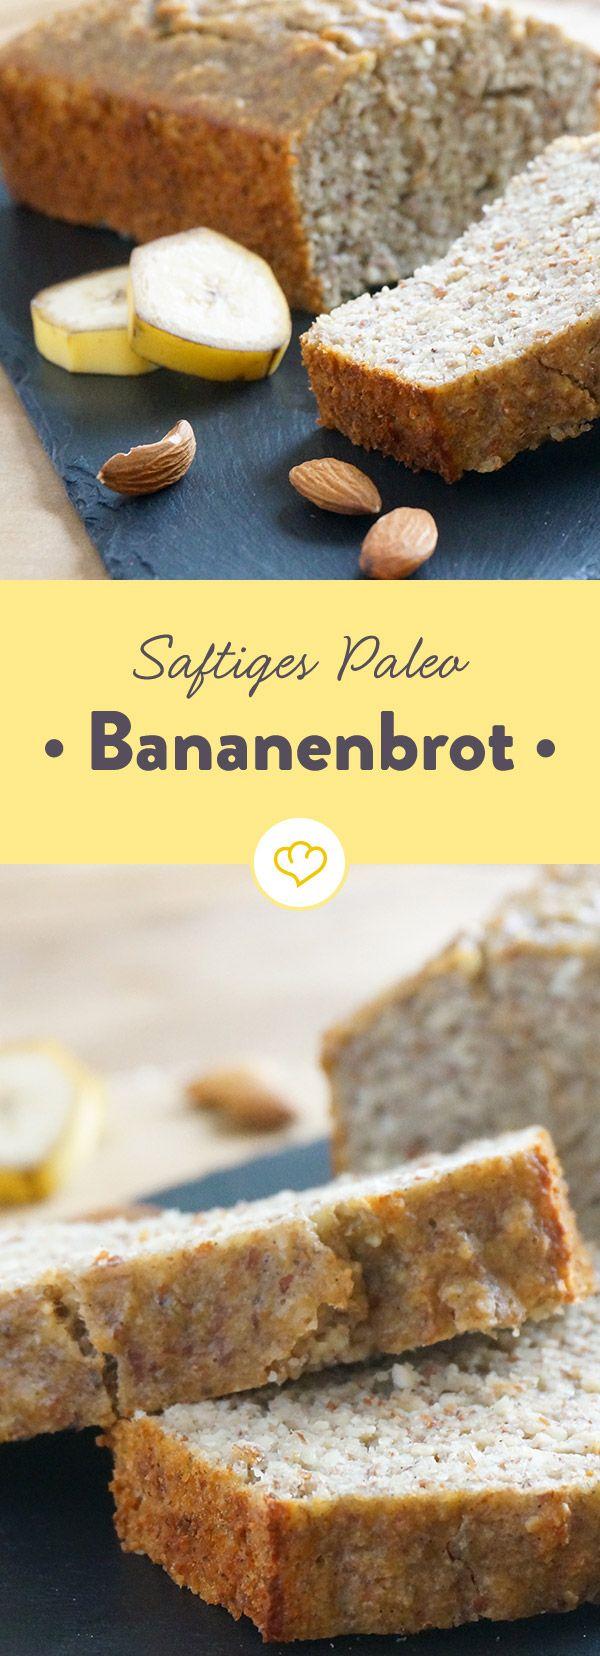 Zucker? Brauchst du nicht. Mehl? Kannst du im Schrank lassen. Das Paleo Bananenbrot überzeugt auch mit kurzer Zutatenliste mit vollem Geschmack.